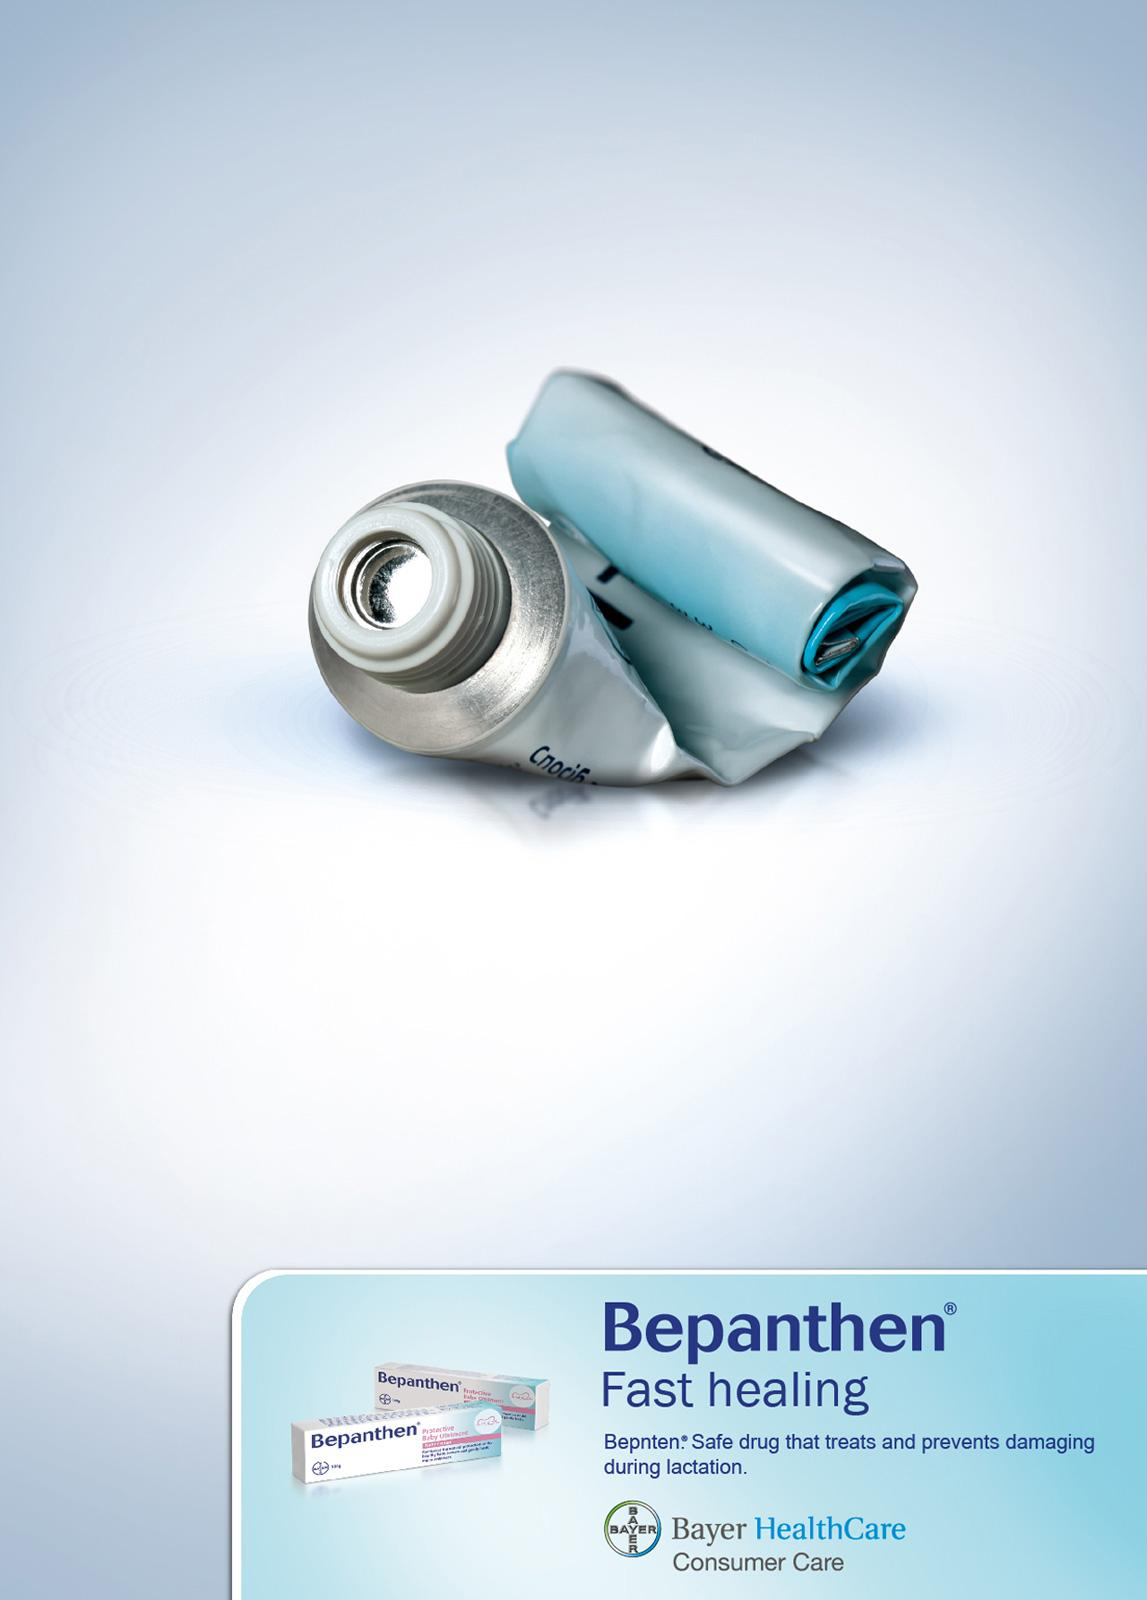 Bepanthen Print Ad -  Fast healing